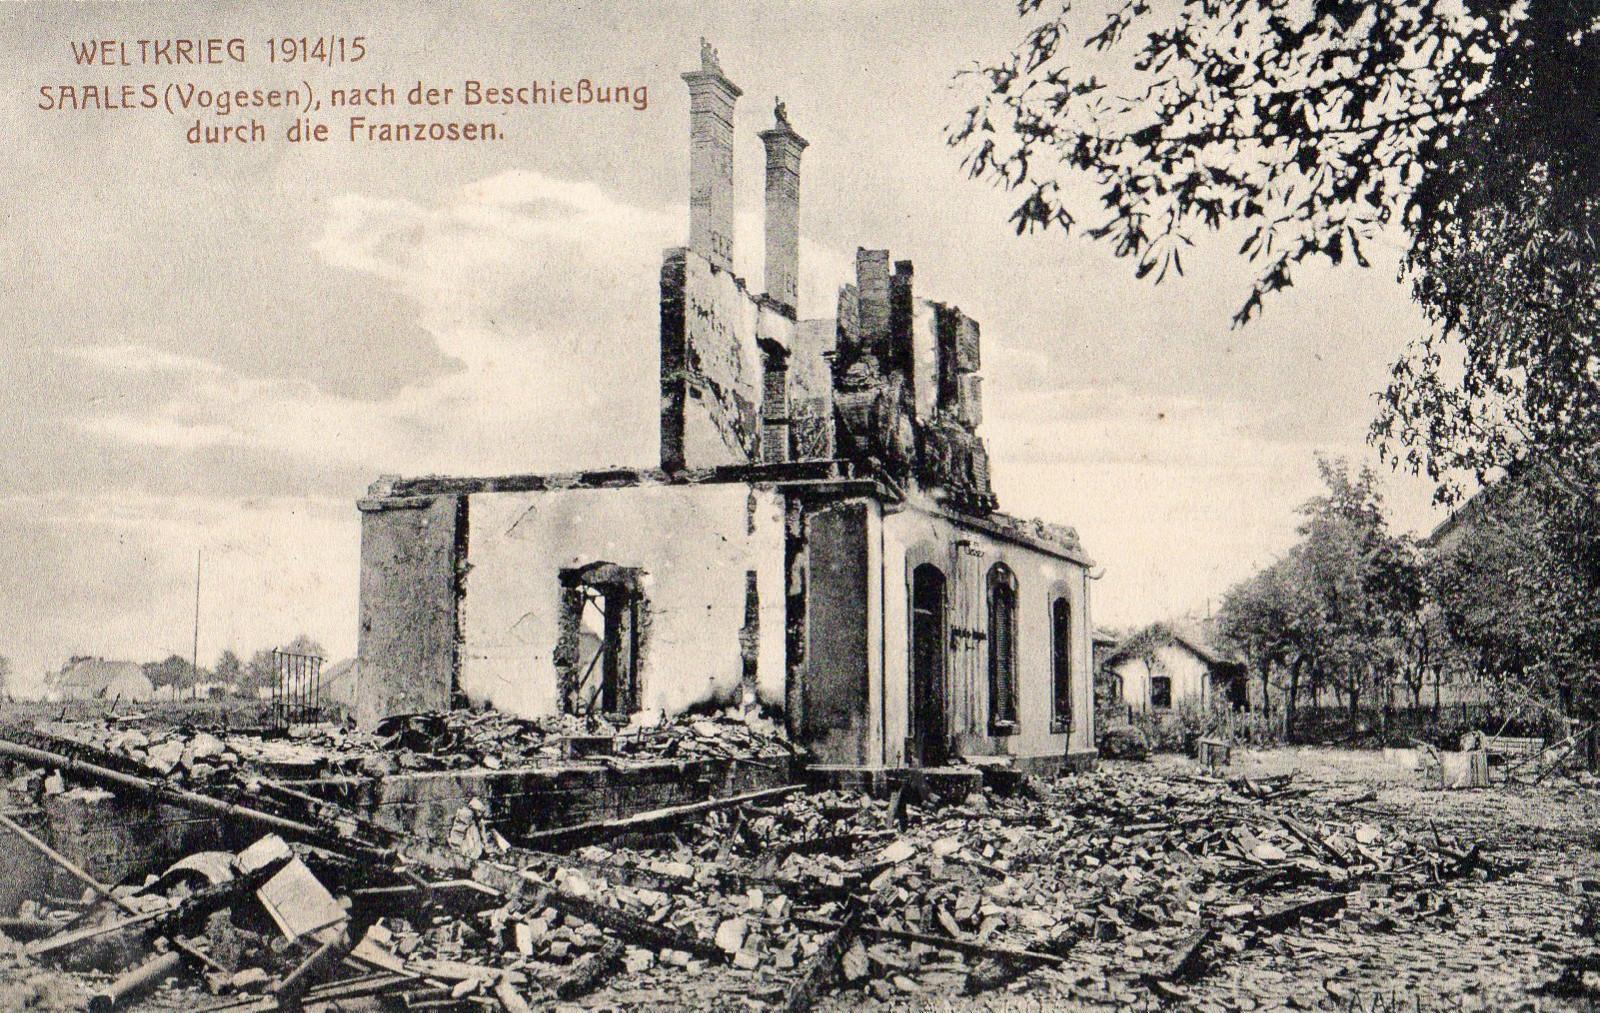 AK Weltkrieg 1914-15 - Saales, Vogesen nach der Beschießung durch die Franzosen